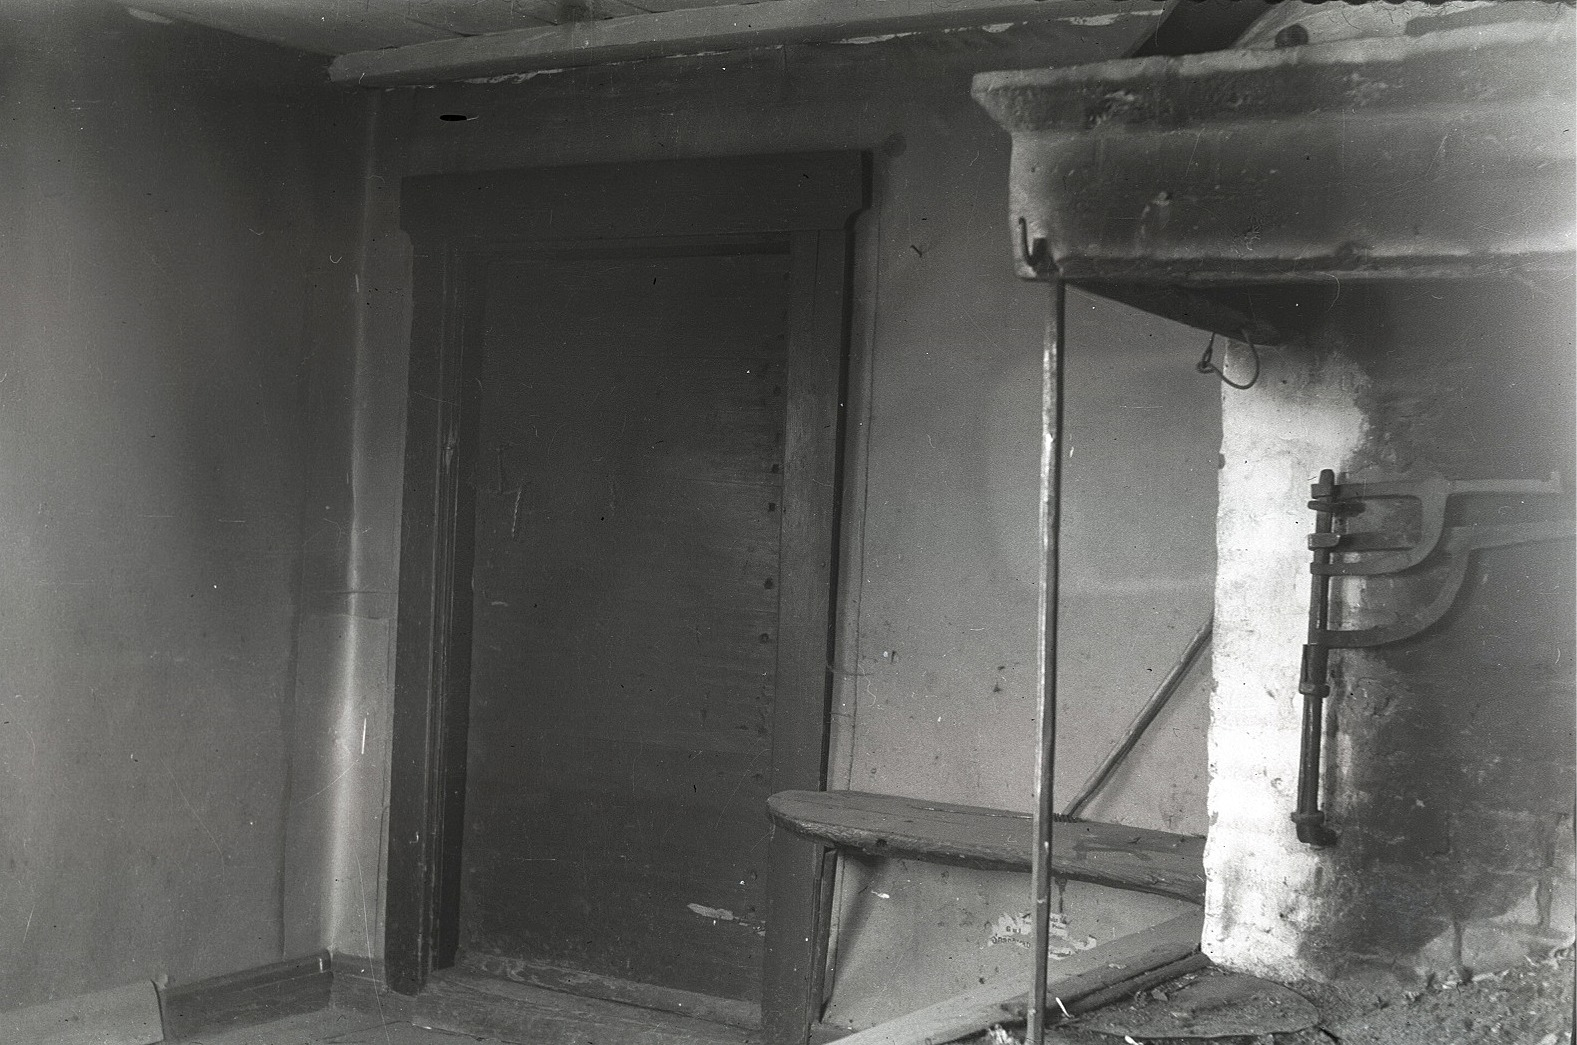 I Anna Lenas skola stod spisen direkt till vänster innanför dörren. Eleverna som kunde mellan 6 och 17 år satt på bänkar, där de fick lära sig religion och att läsa och skriva.